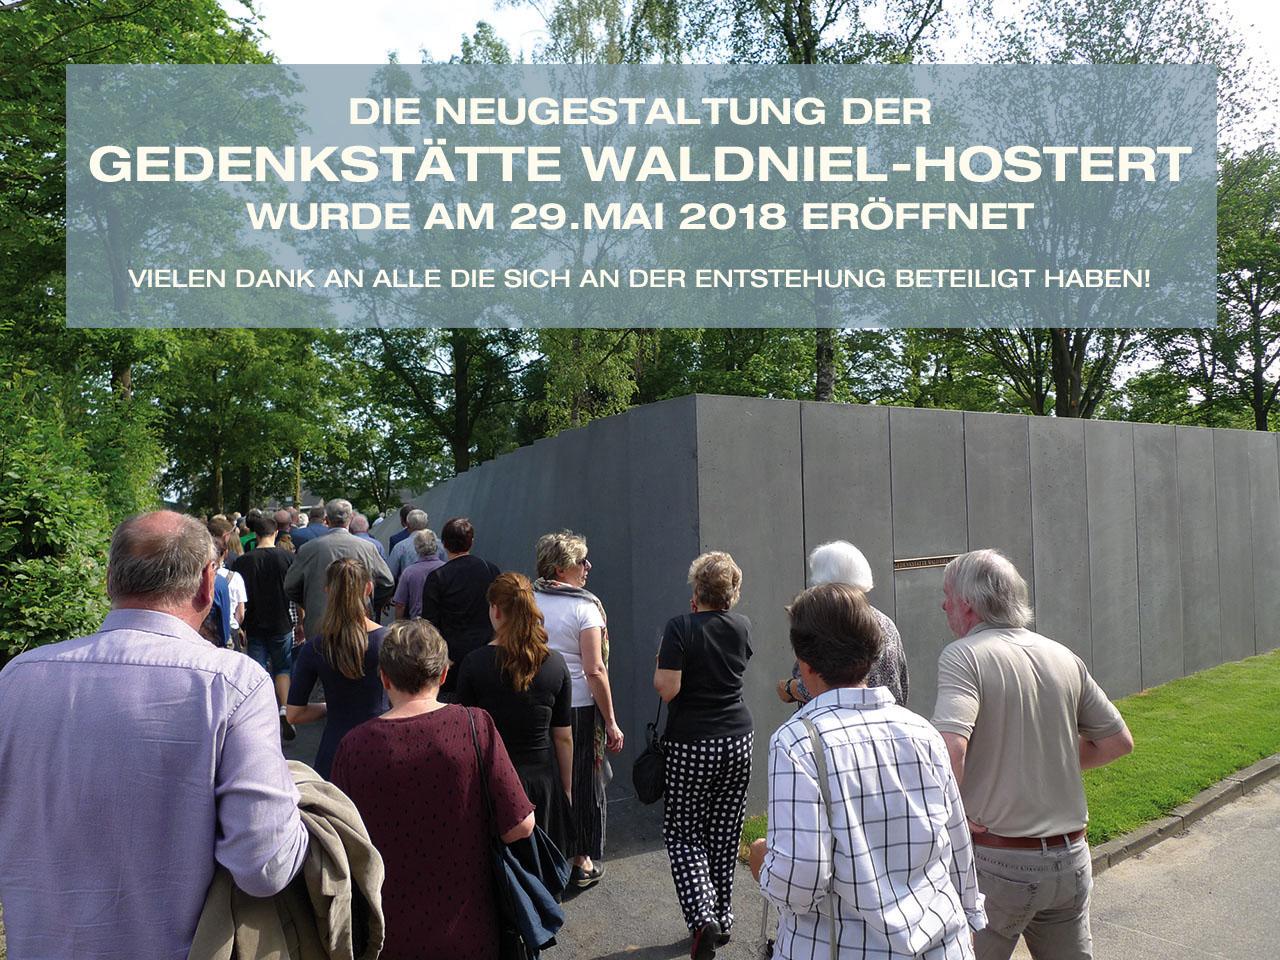 Die Neugestaltung der Gedenkstätte Waldniel-Hostert wurde am 29.Mai 2018 eröffnet vielen Dank an alle die sich an der Entstehung beteiligt haben!